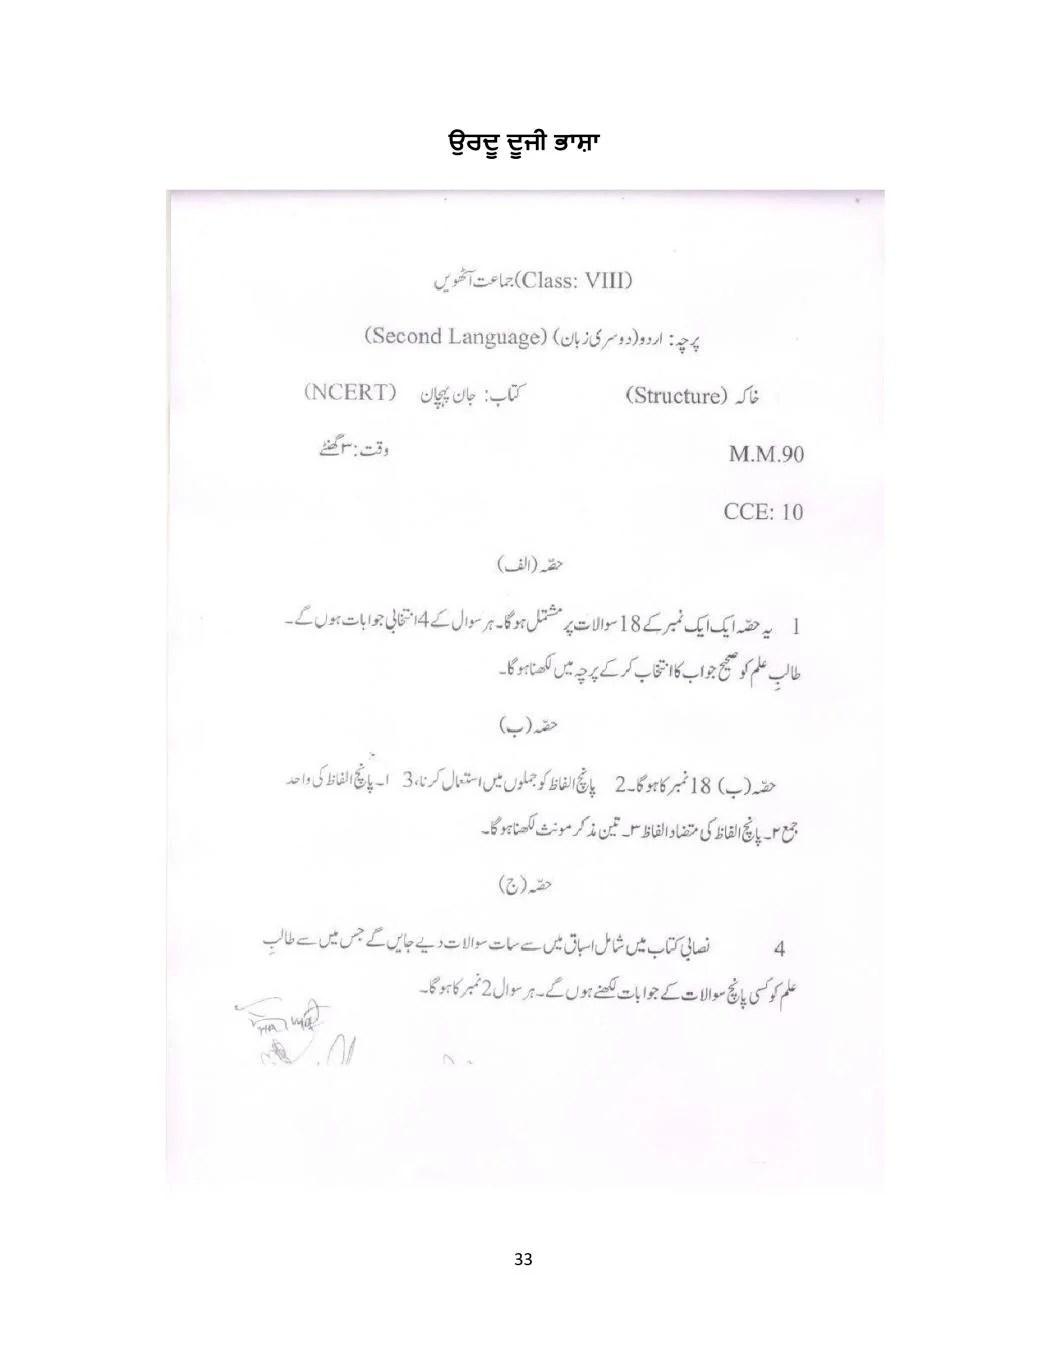 PSEB Syllabus 2020-21 for Class 8 Urdu 2nd Language